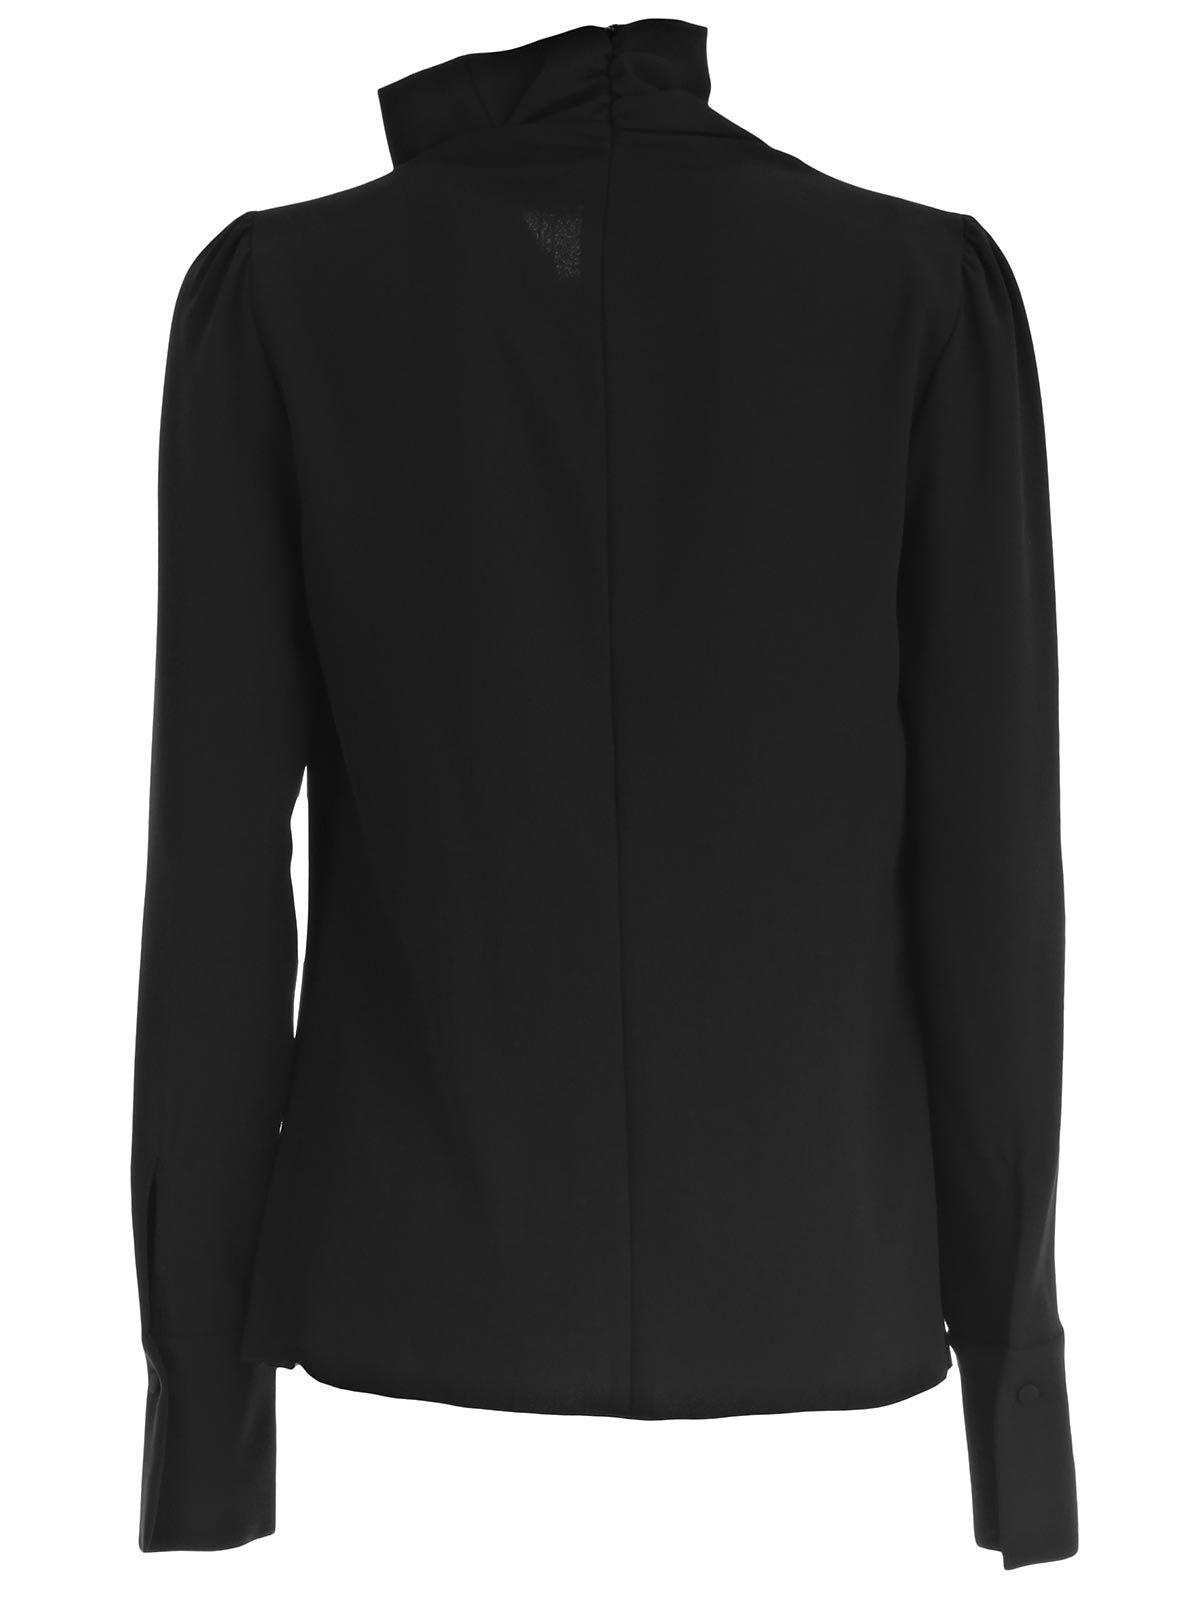 Maison Margiela - Maison Margiela Sweater - Black, Women's ...